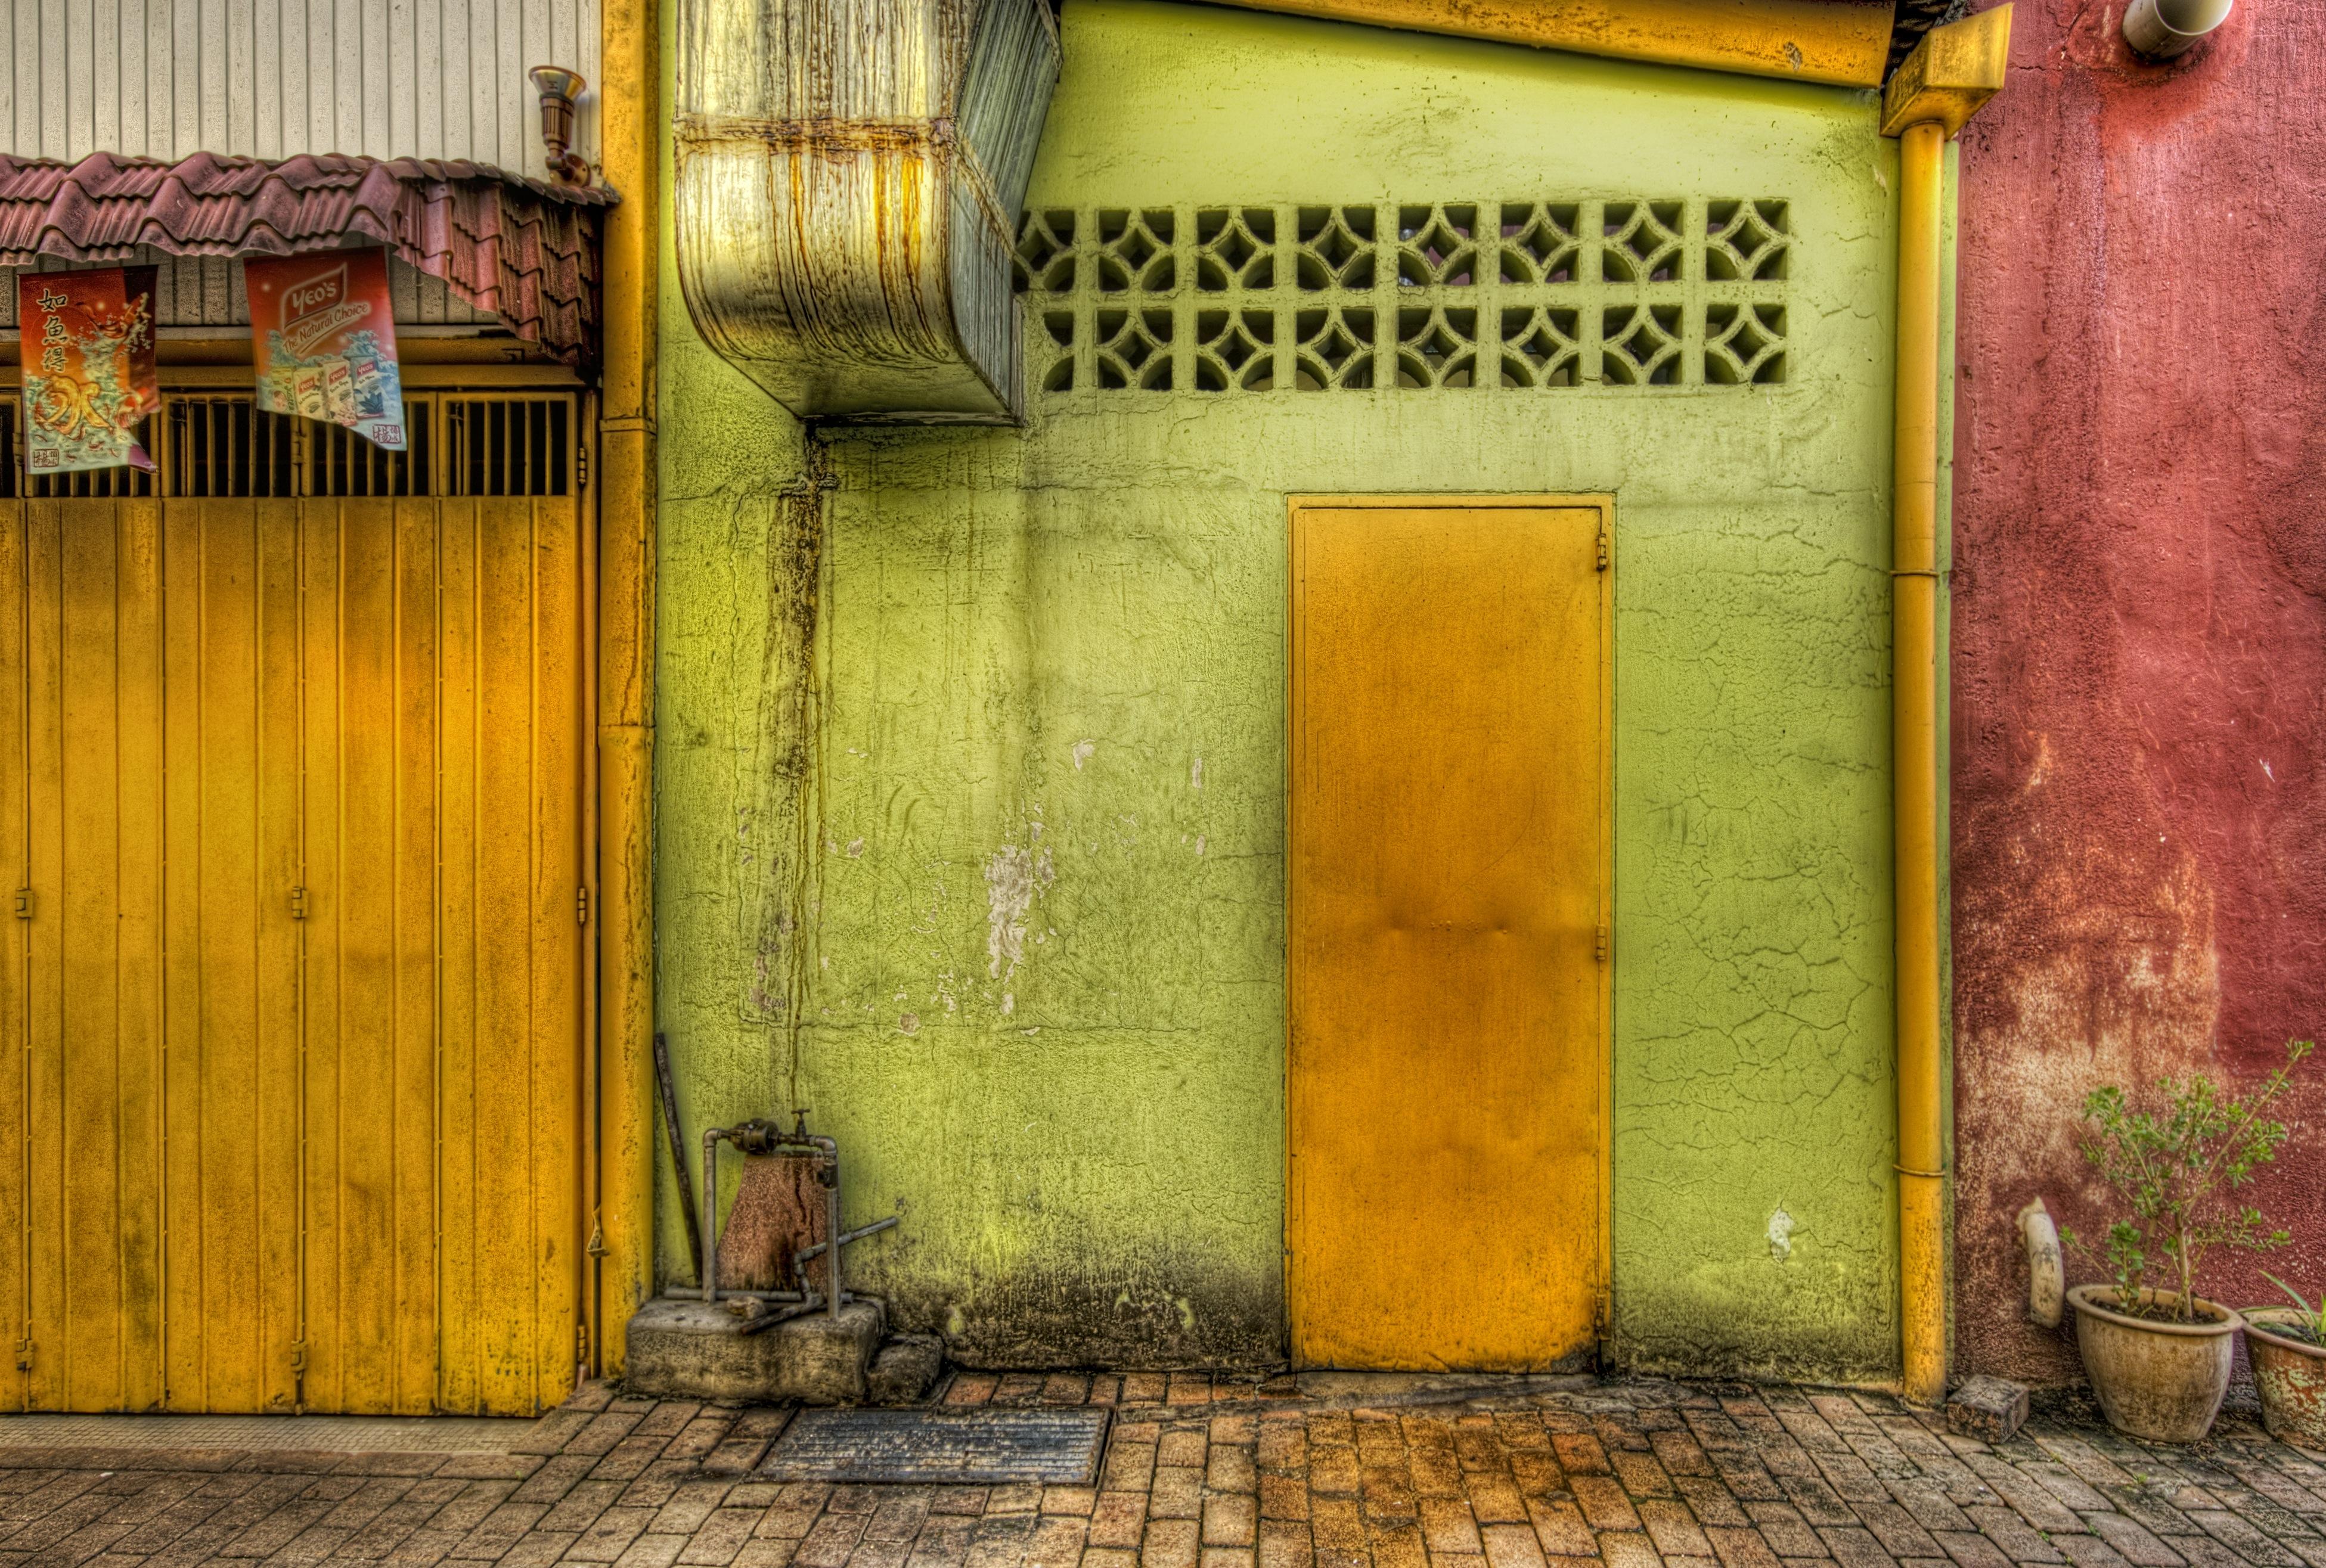 Hintergrundbilder : Beleuchtung, Tür, Original, Licht, rot, Tapete ...